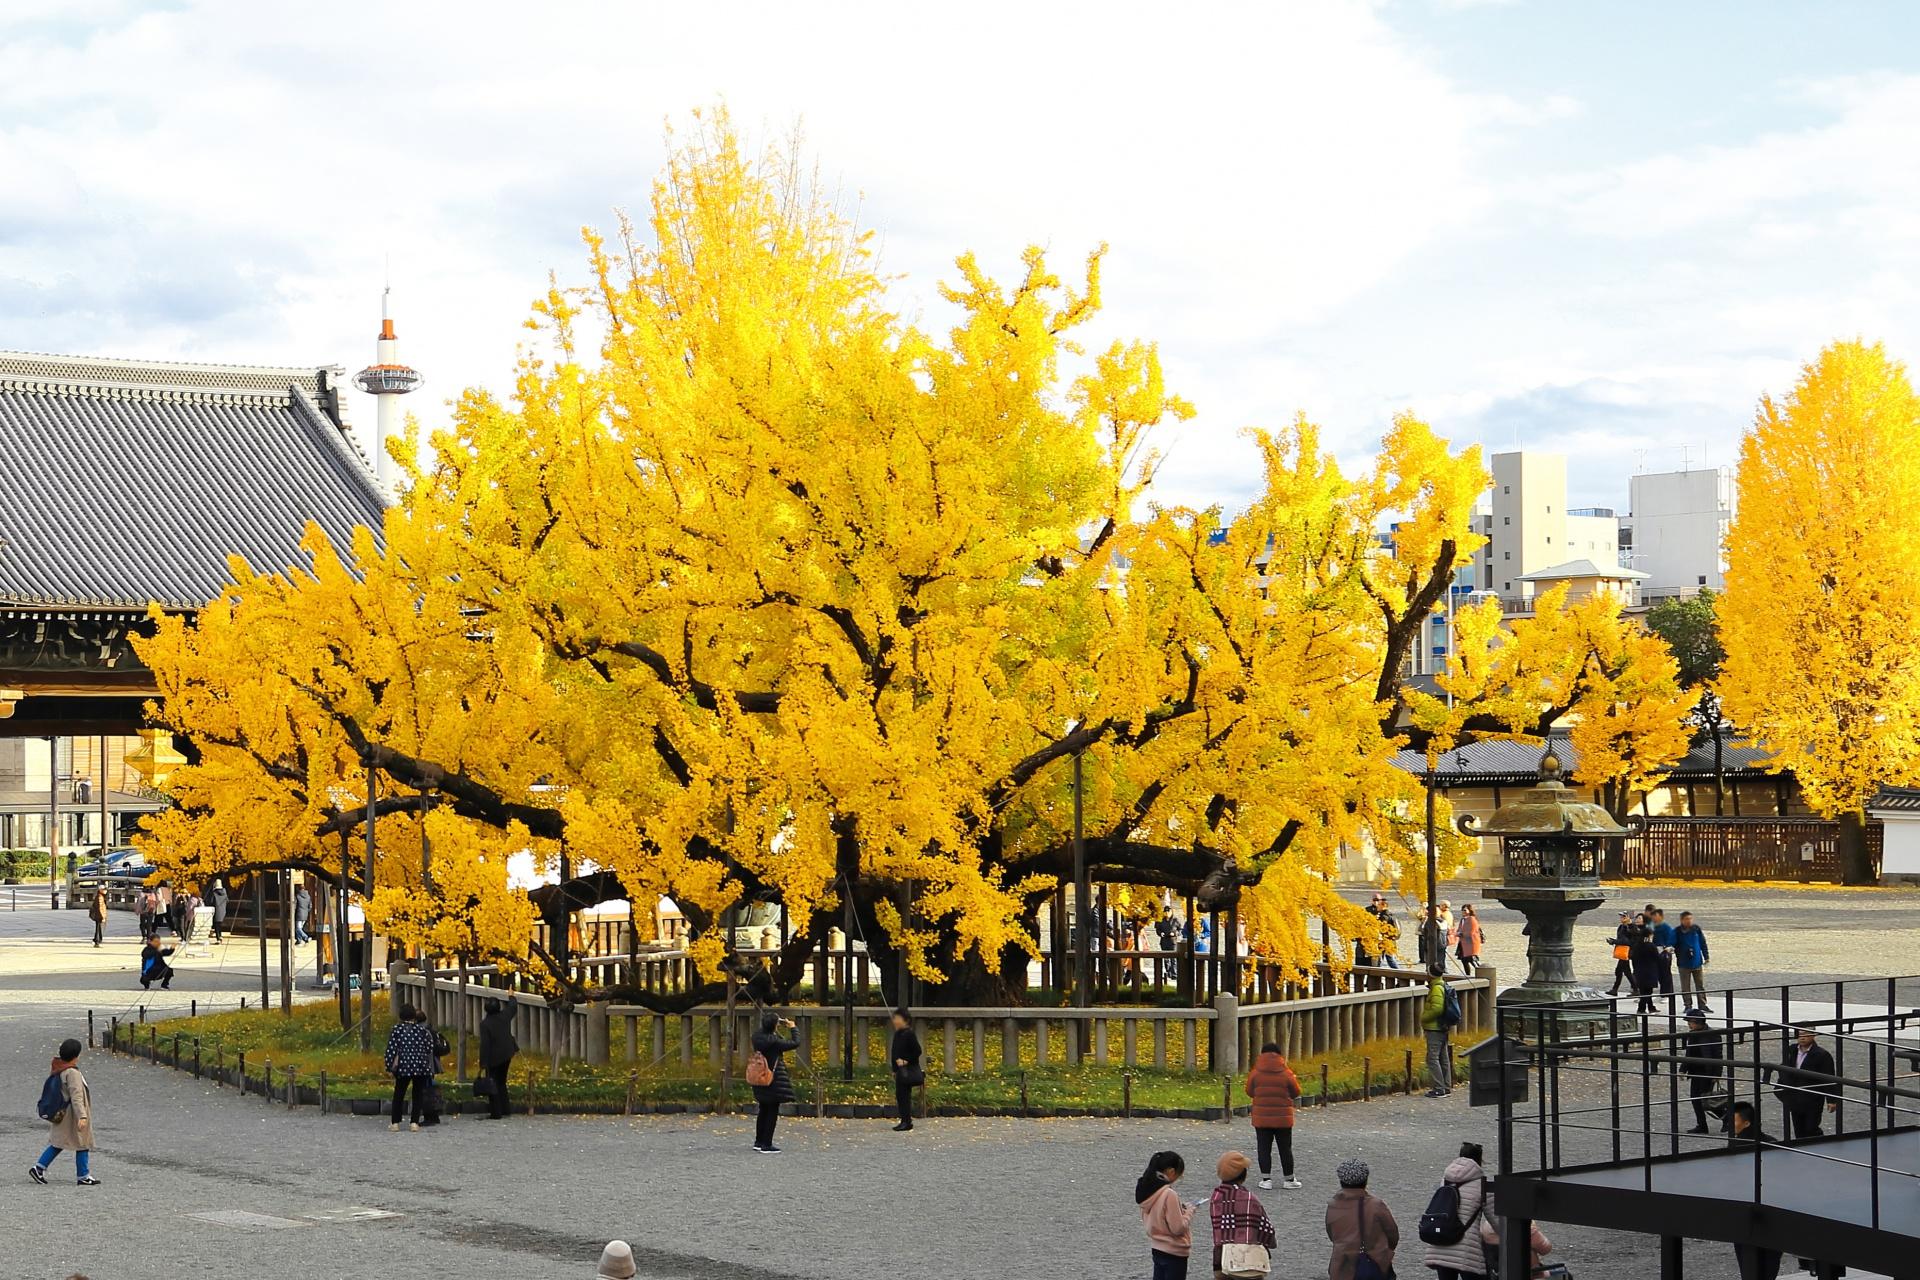 京都・西本願寺 天然記念物「逆さ銀杏」に京都タワーの蝋燭を添えて